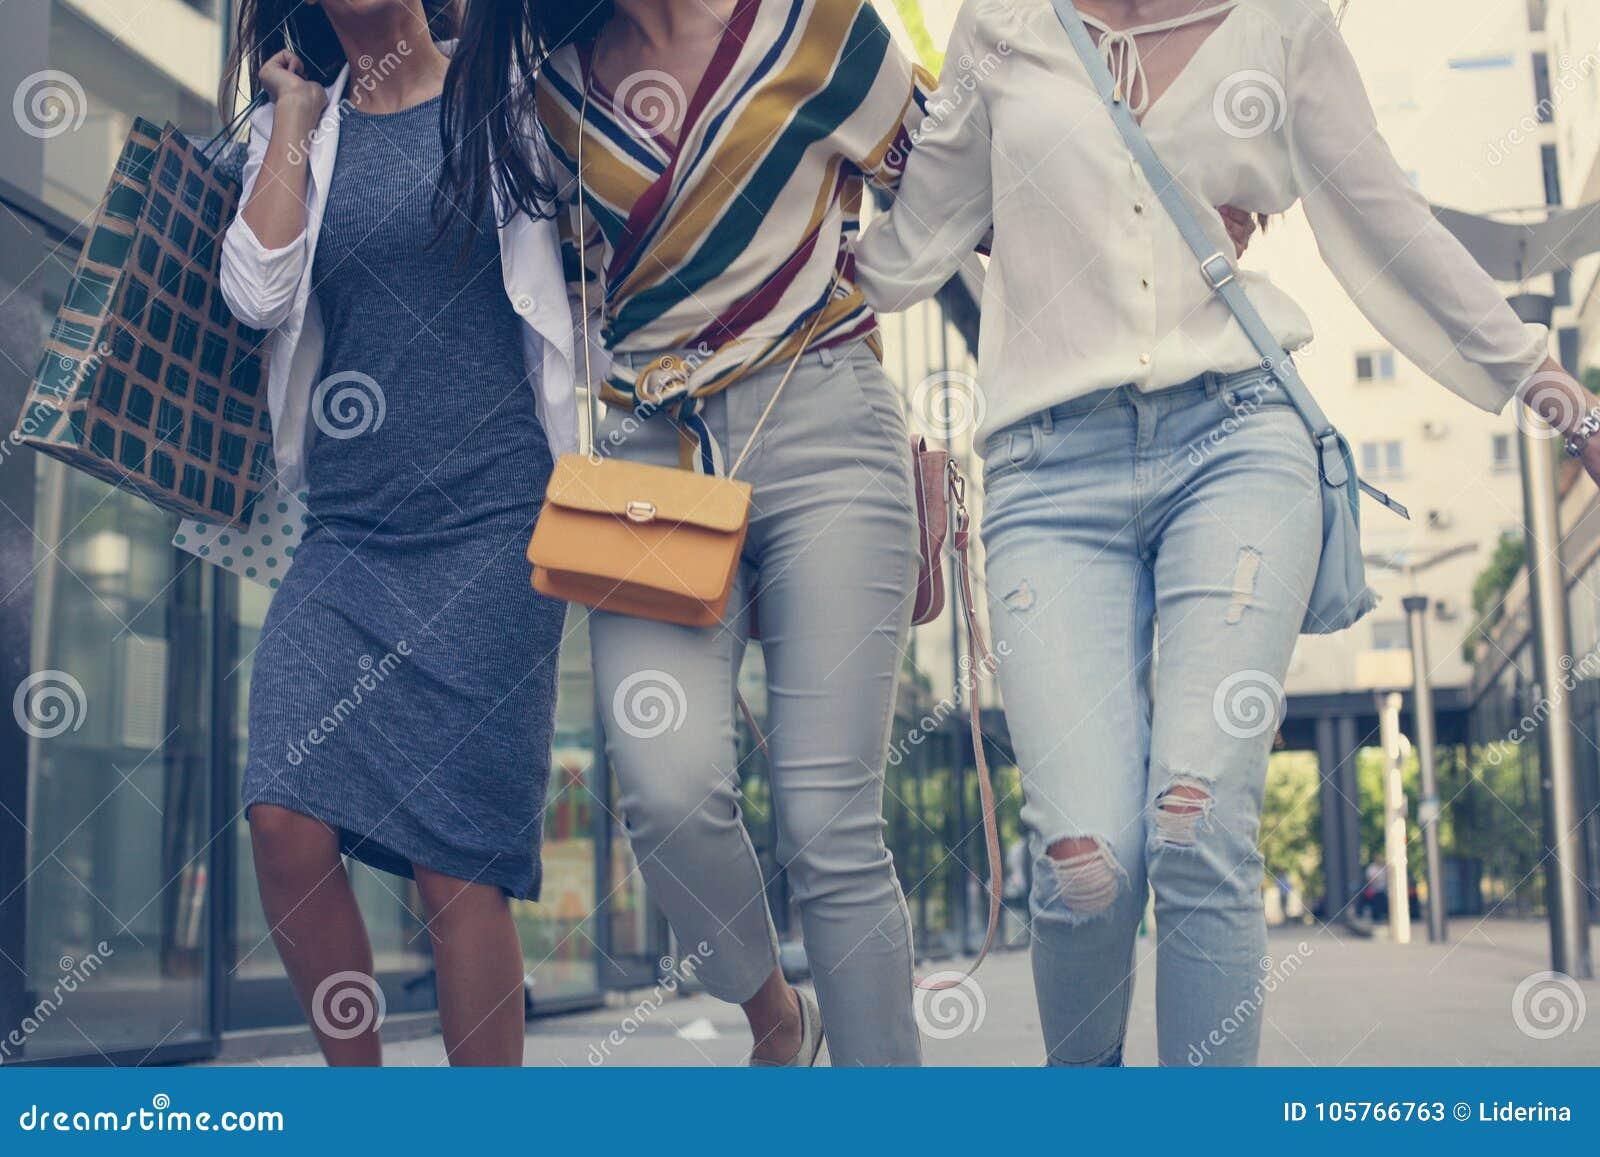 Gå för tre unga flickor som är lyckligt med shoppingpåsar